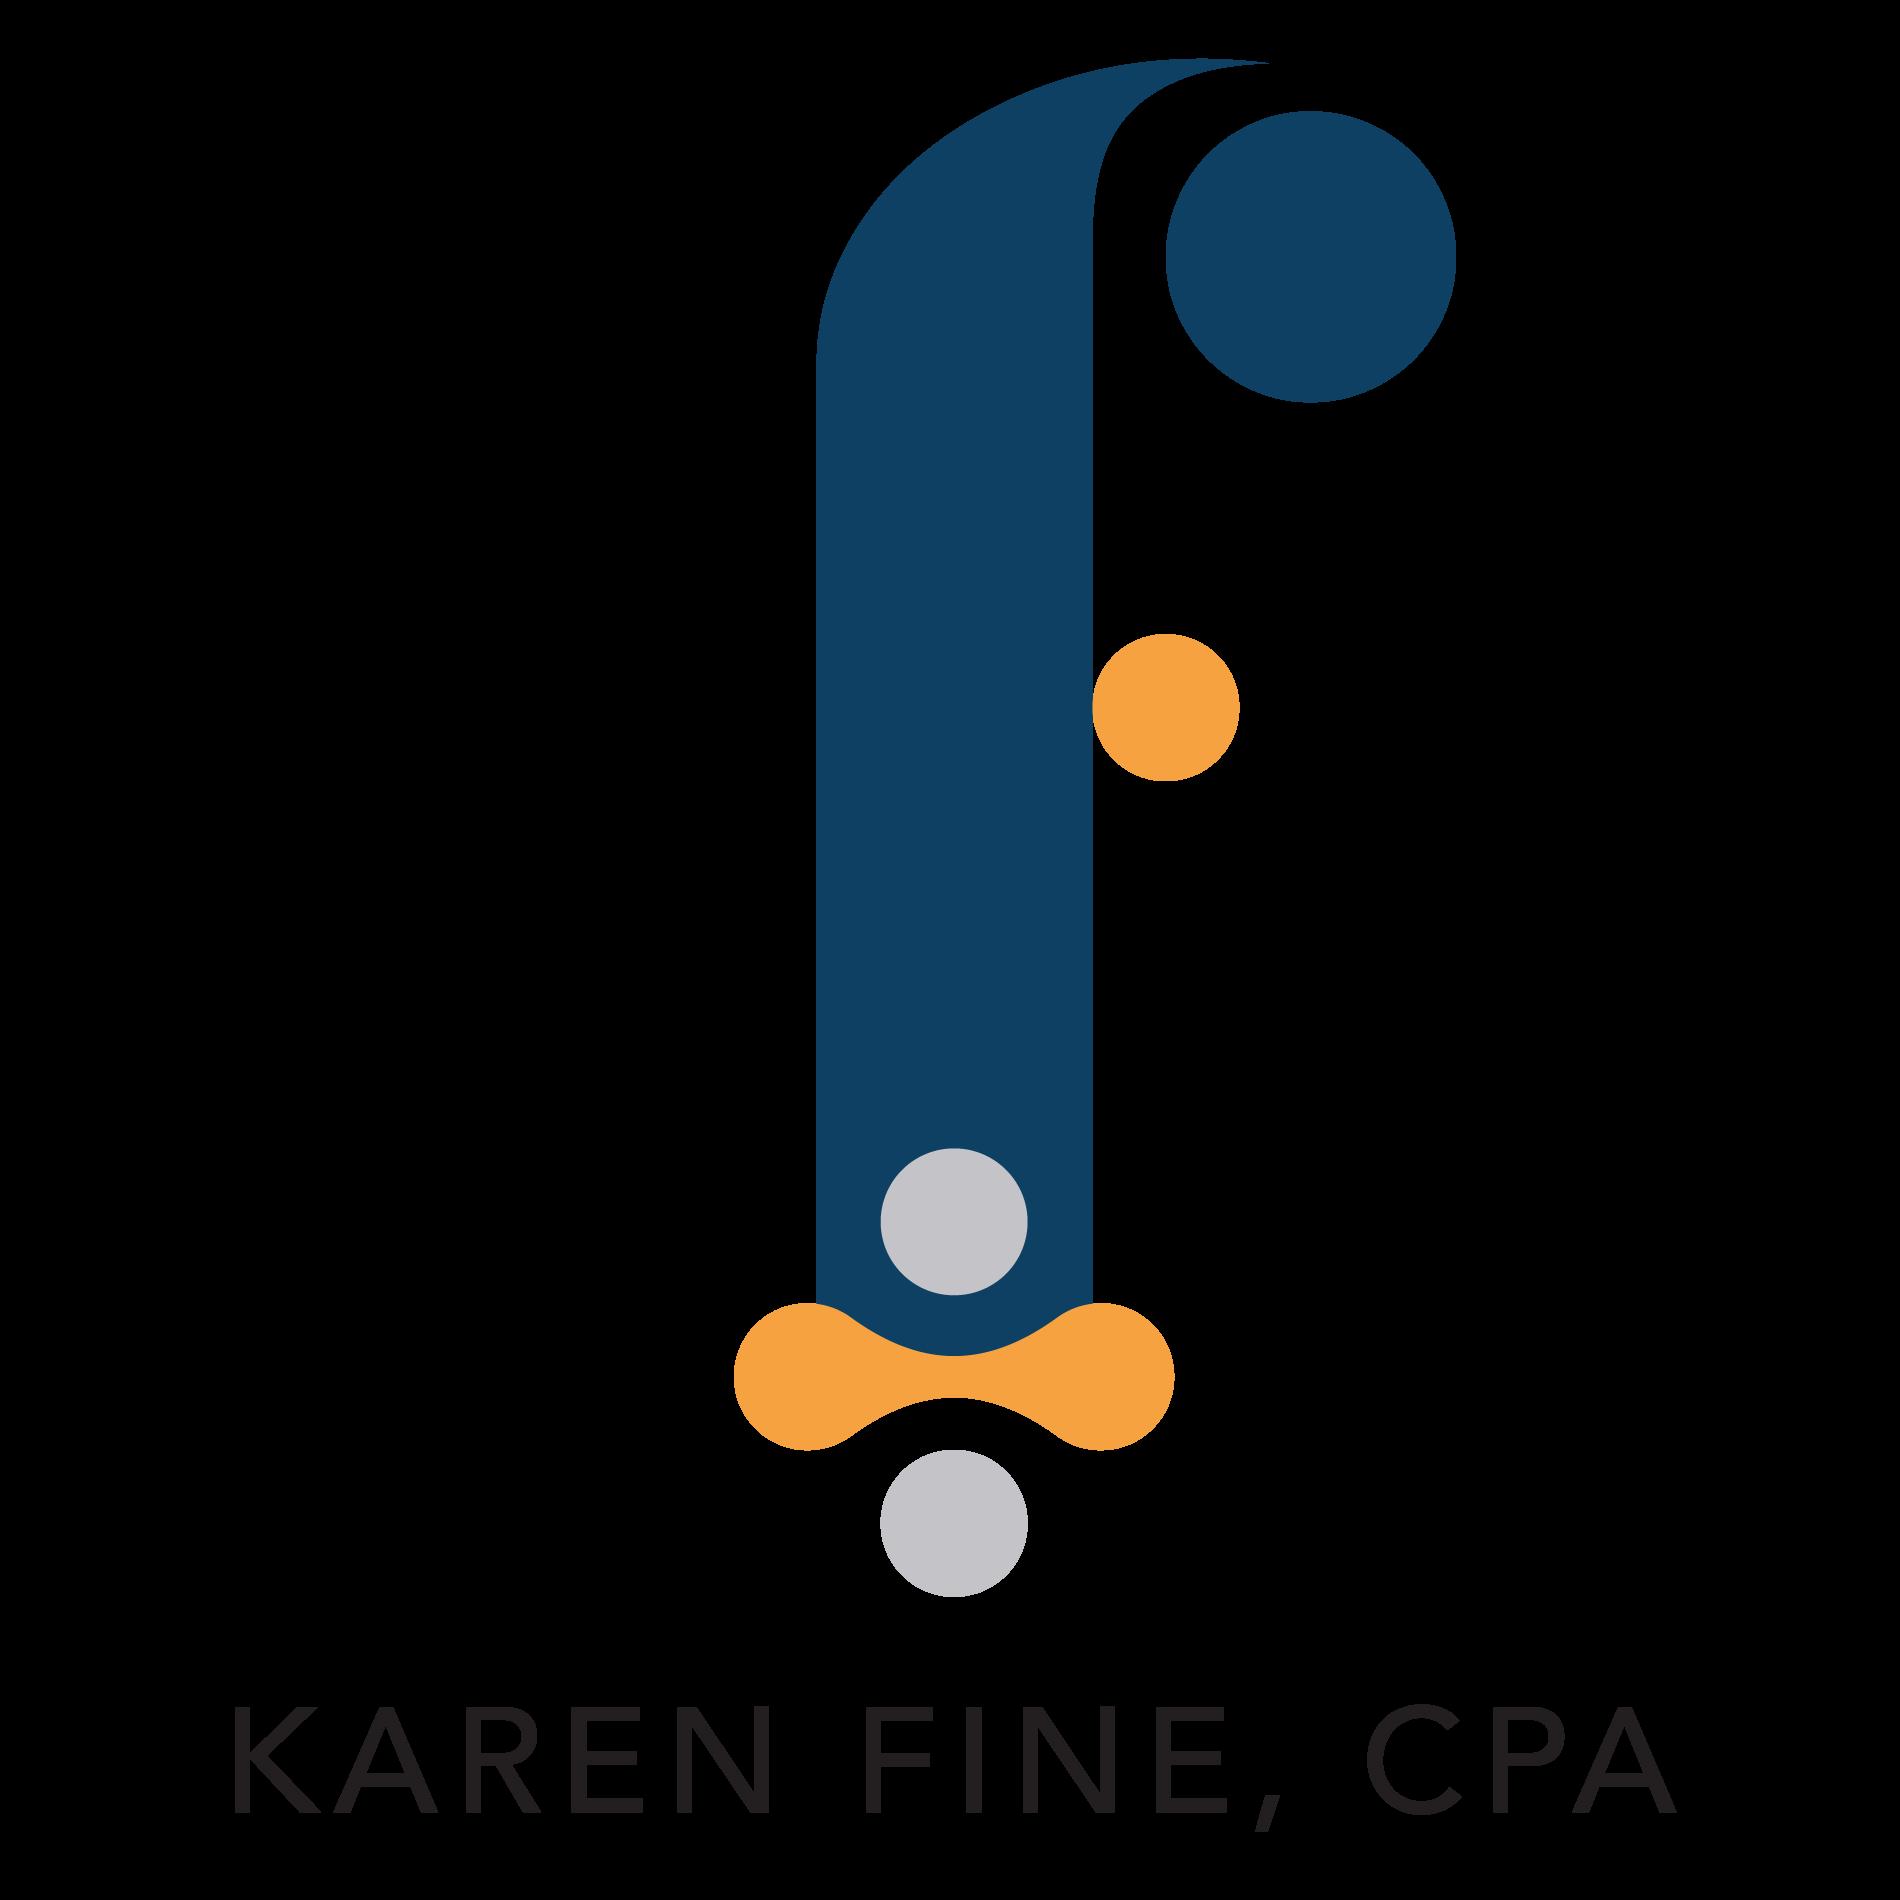 karenfinecpa.com logo